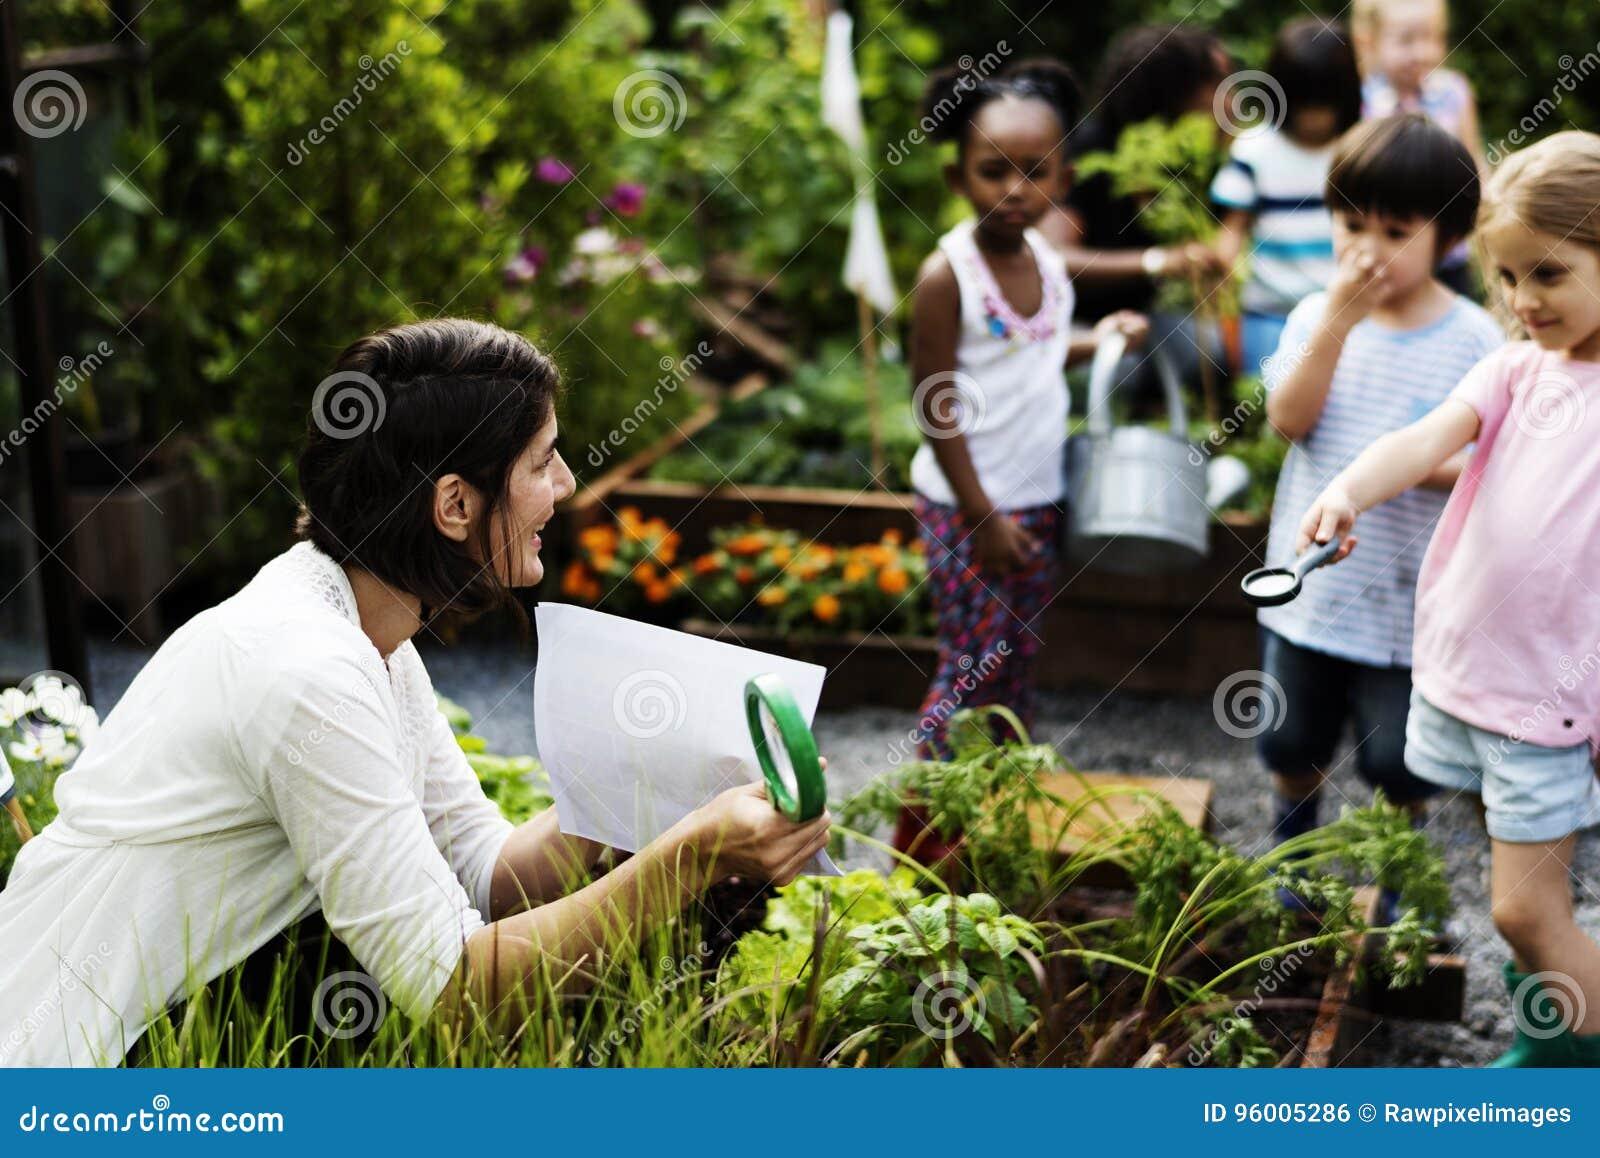 学会生态从事园艺的老师和孩子学校